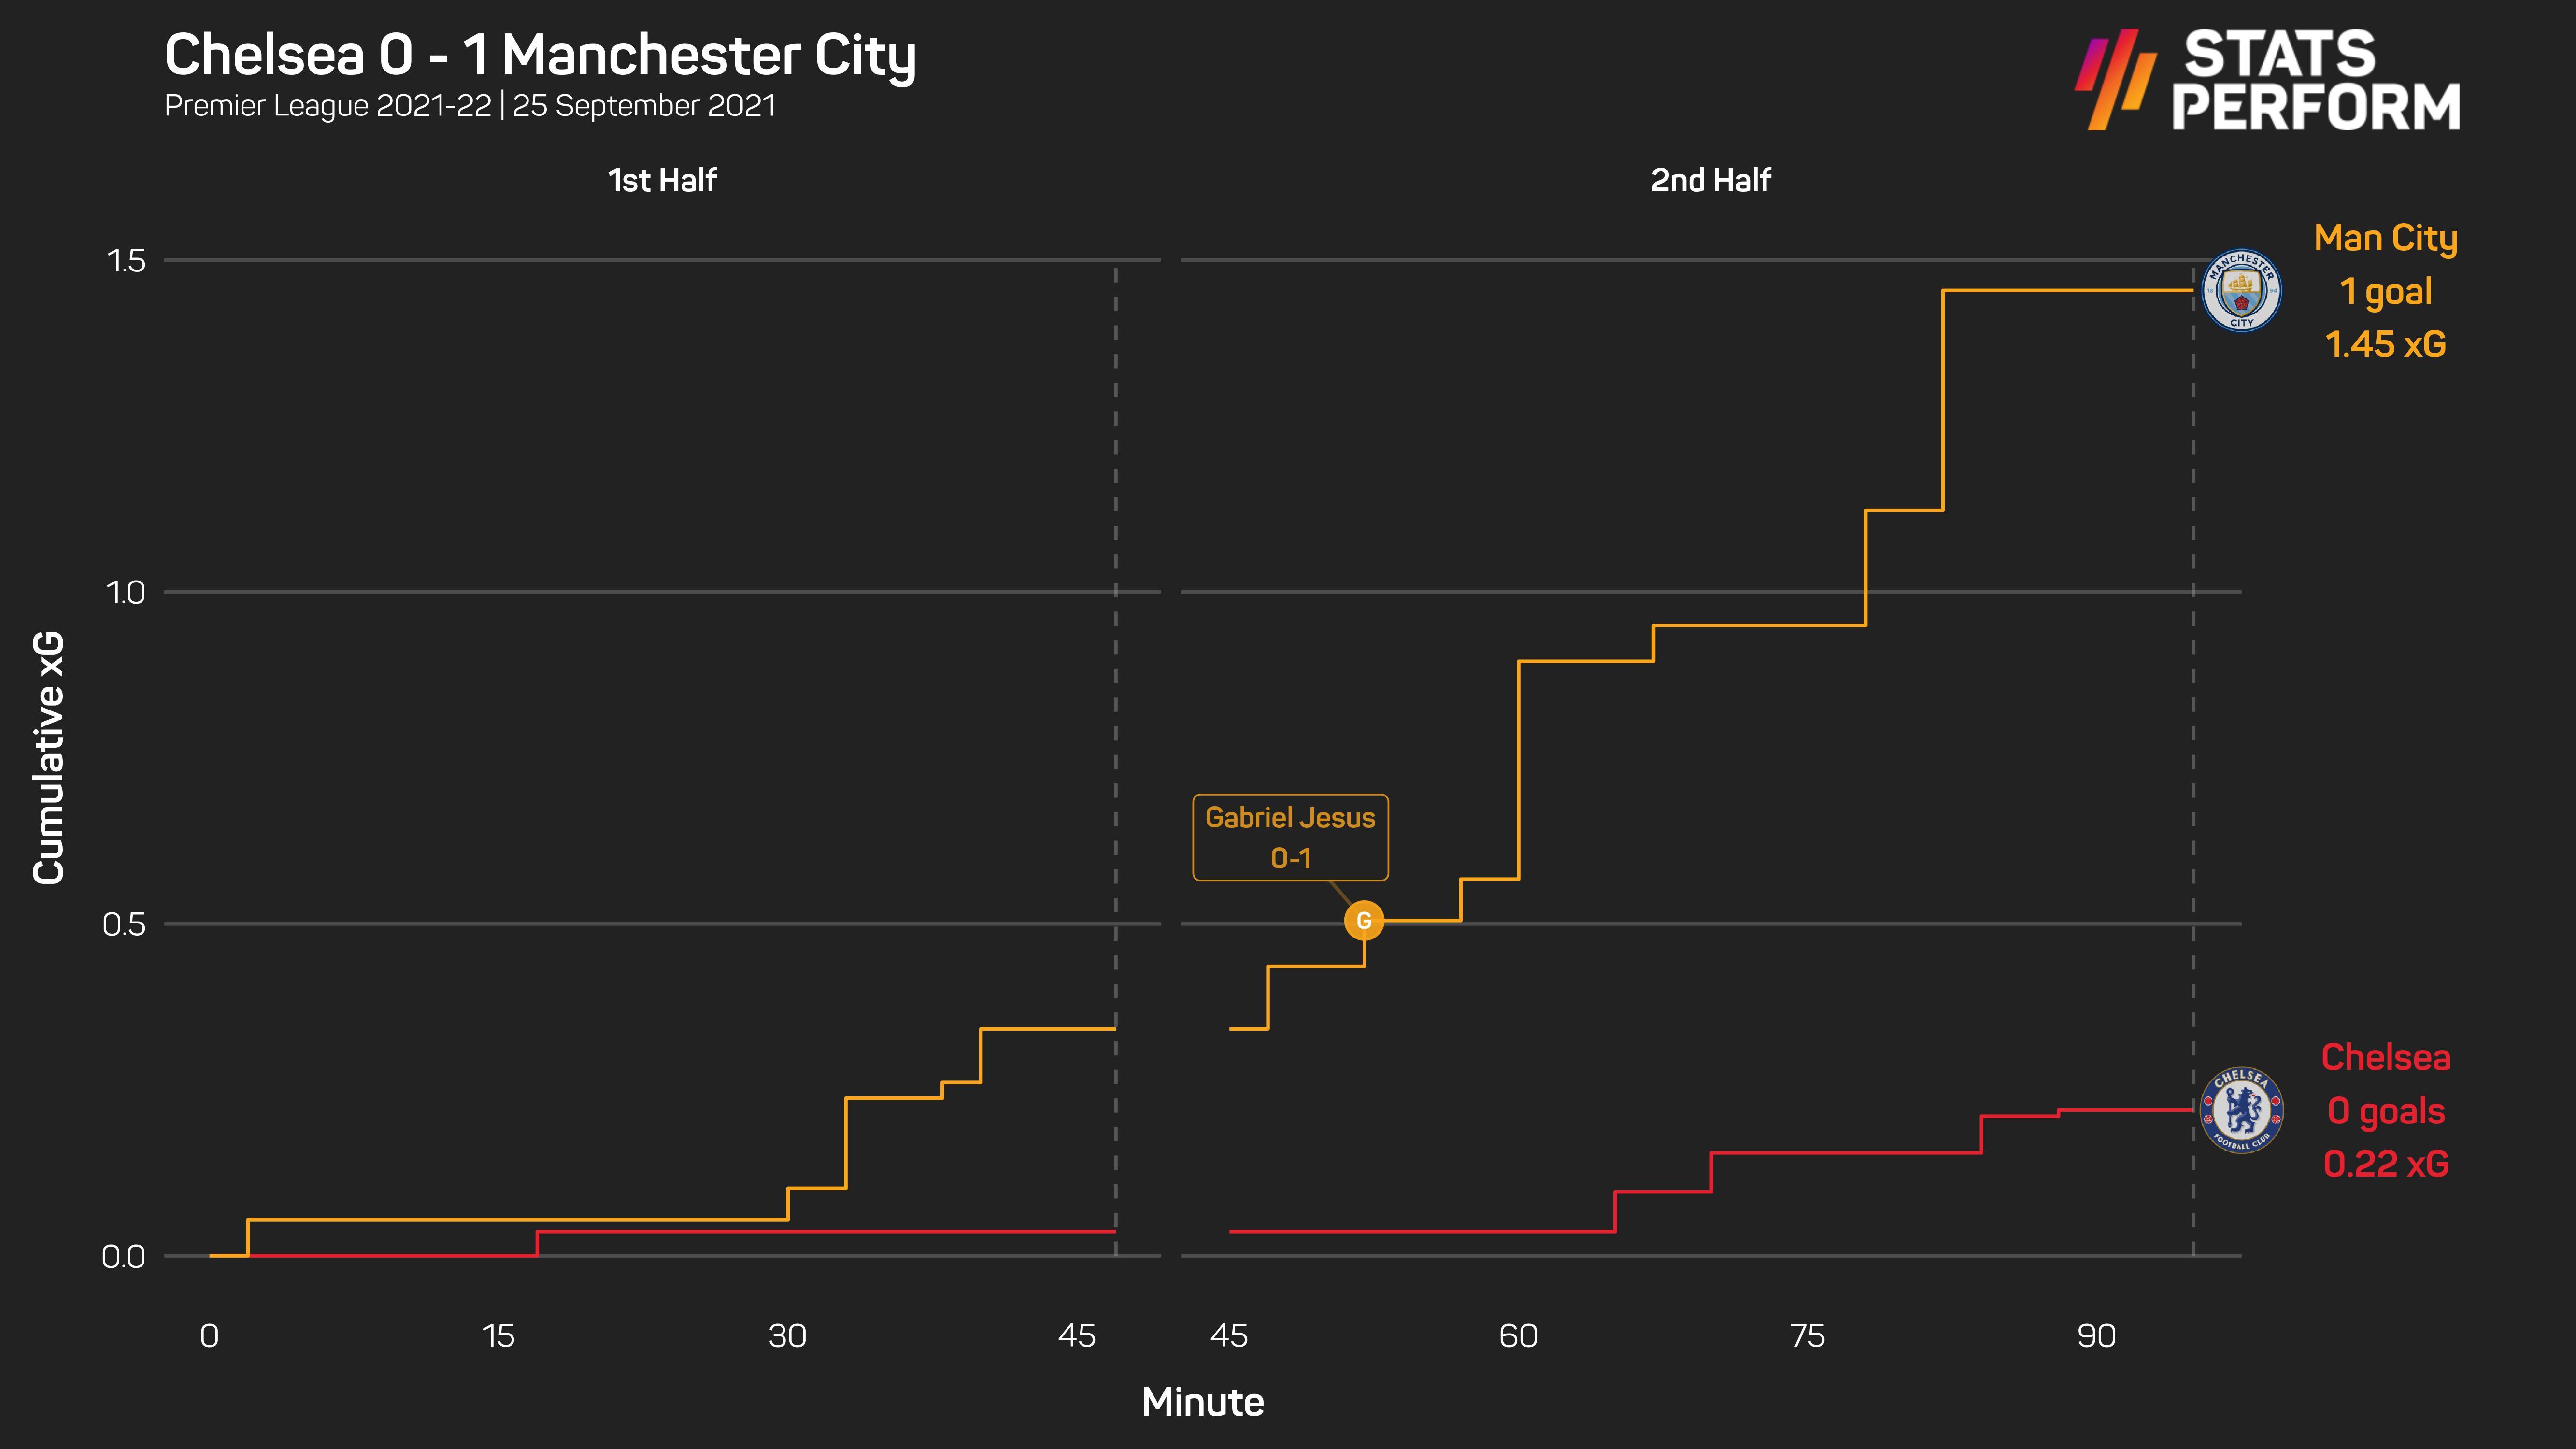 Chelsea v Manchester City xG